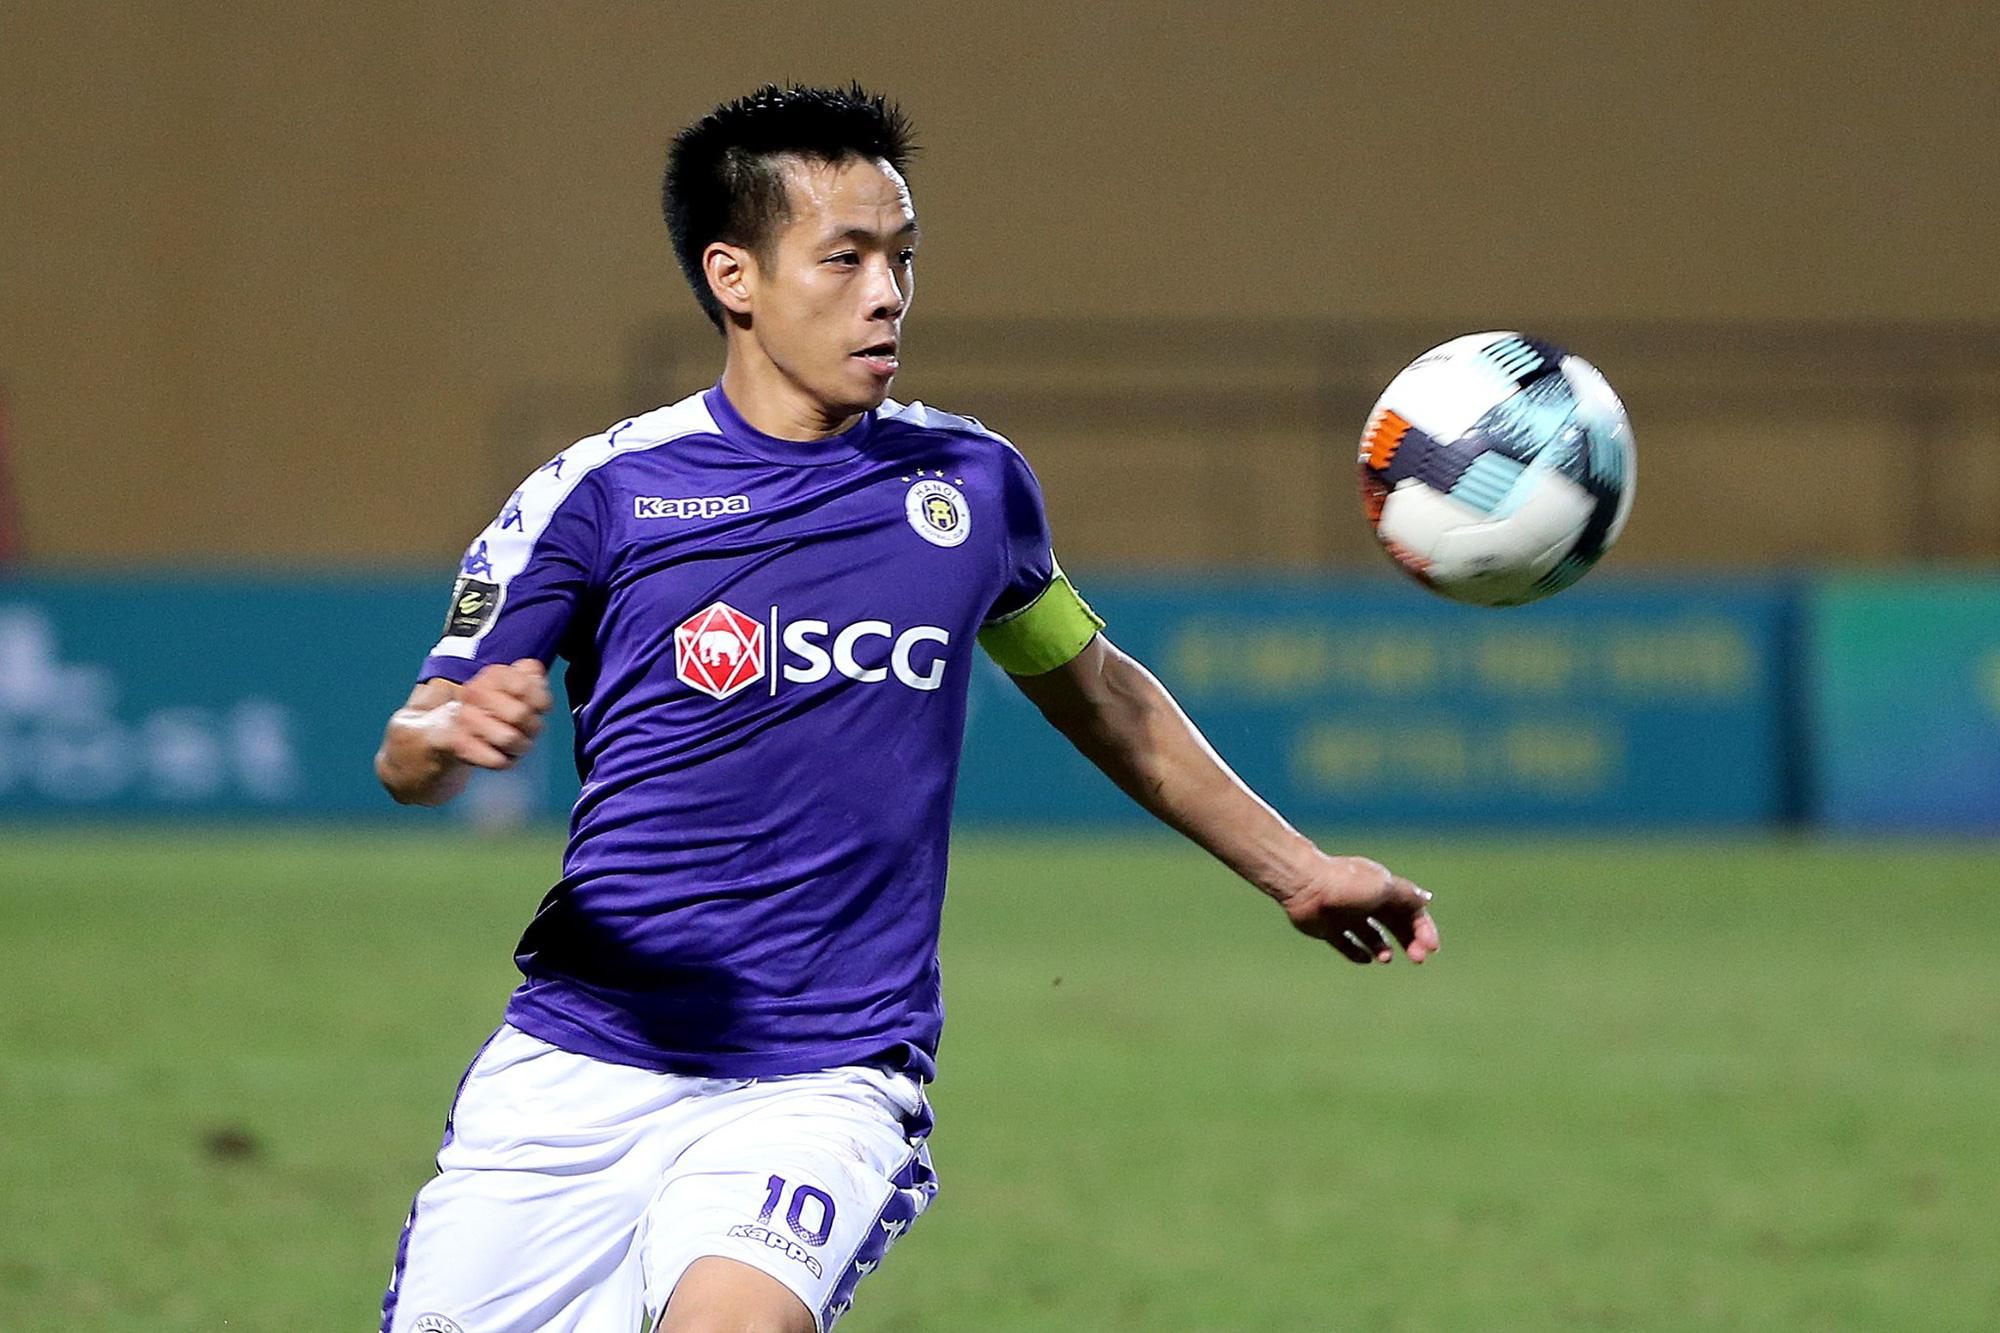 Văn Quyết luôn chứng tỏ được vị thế trong lối chơi của Hà Nội FC trong khoảng 10 năm qua.